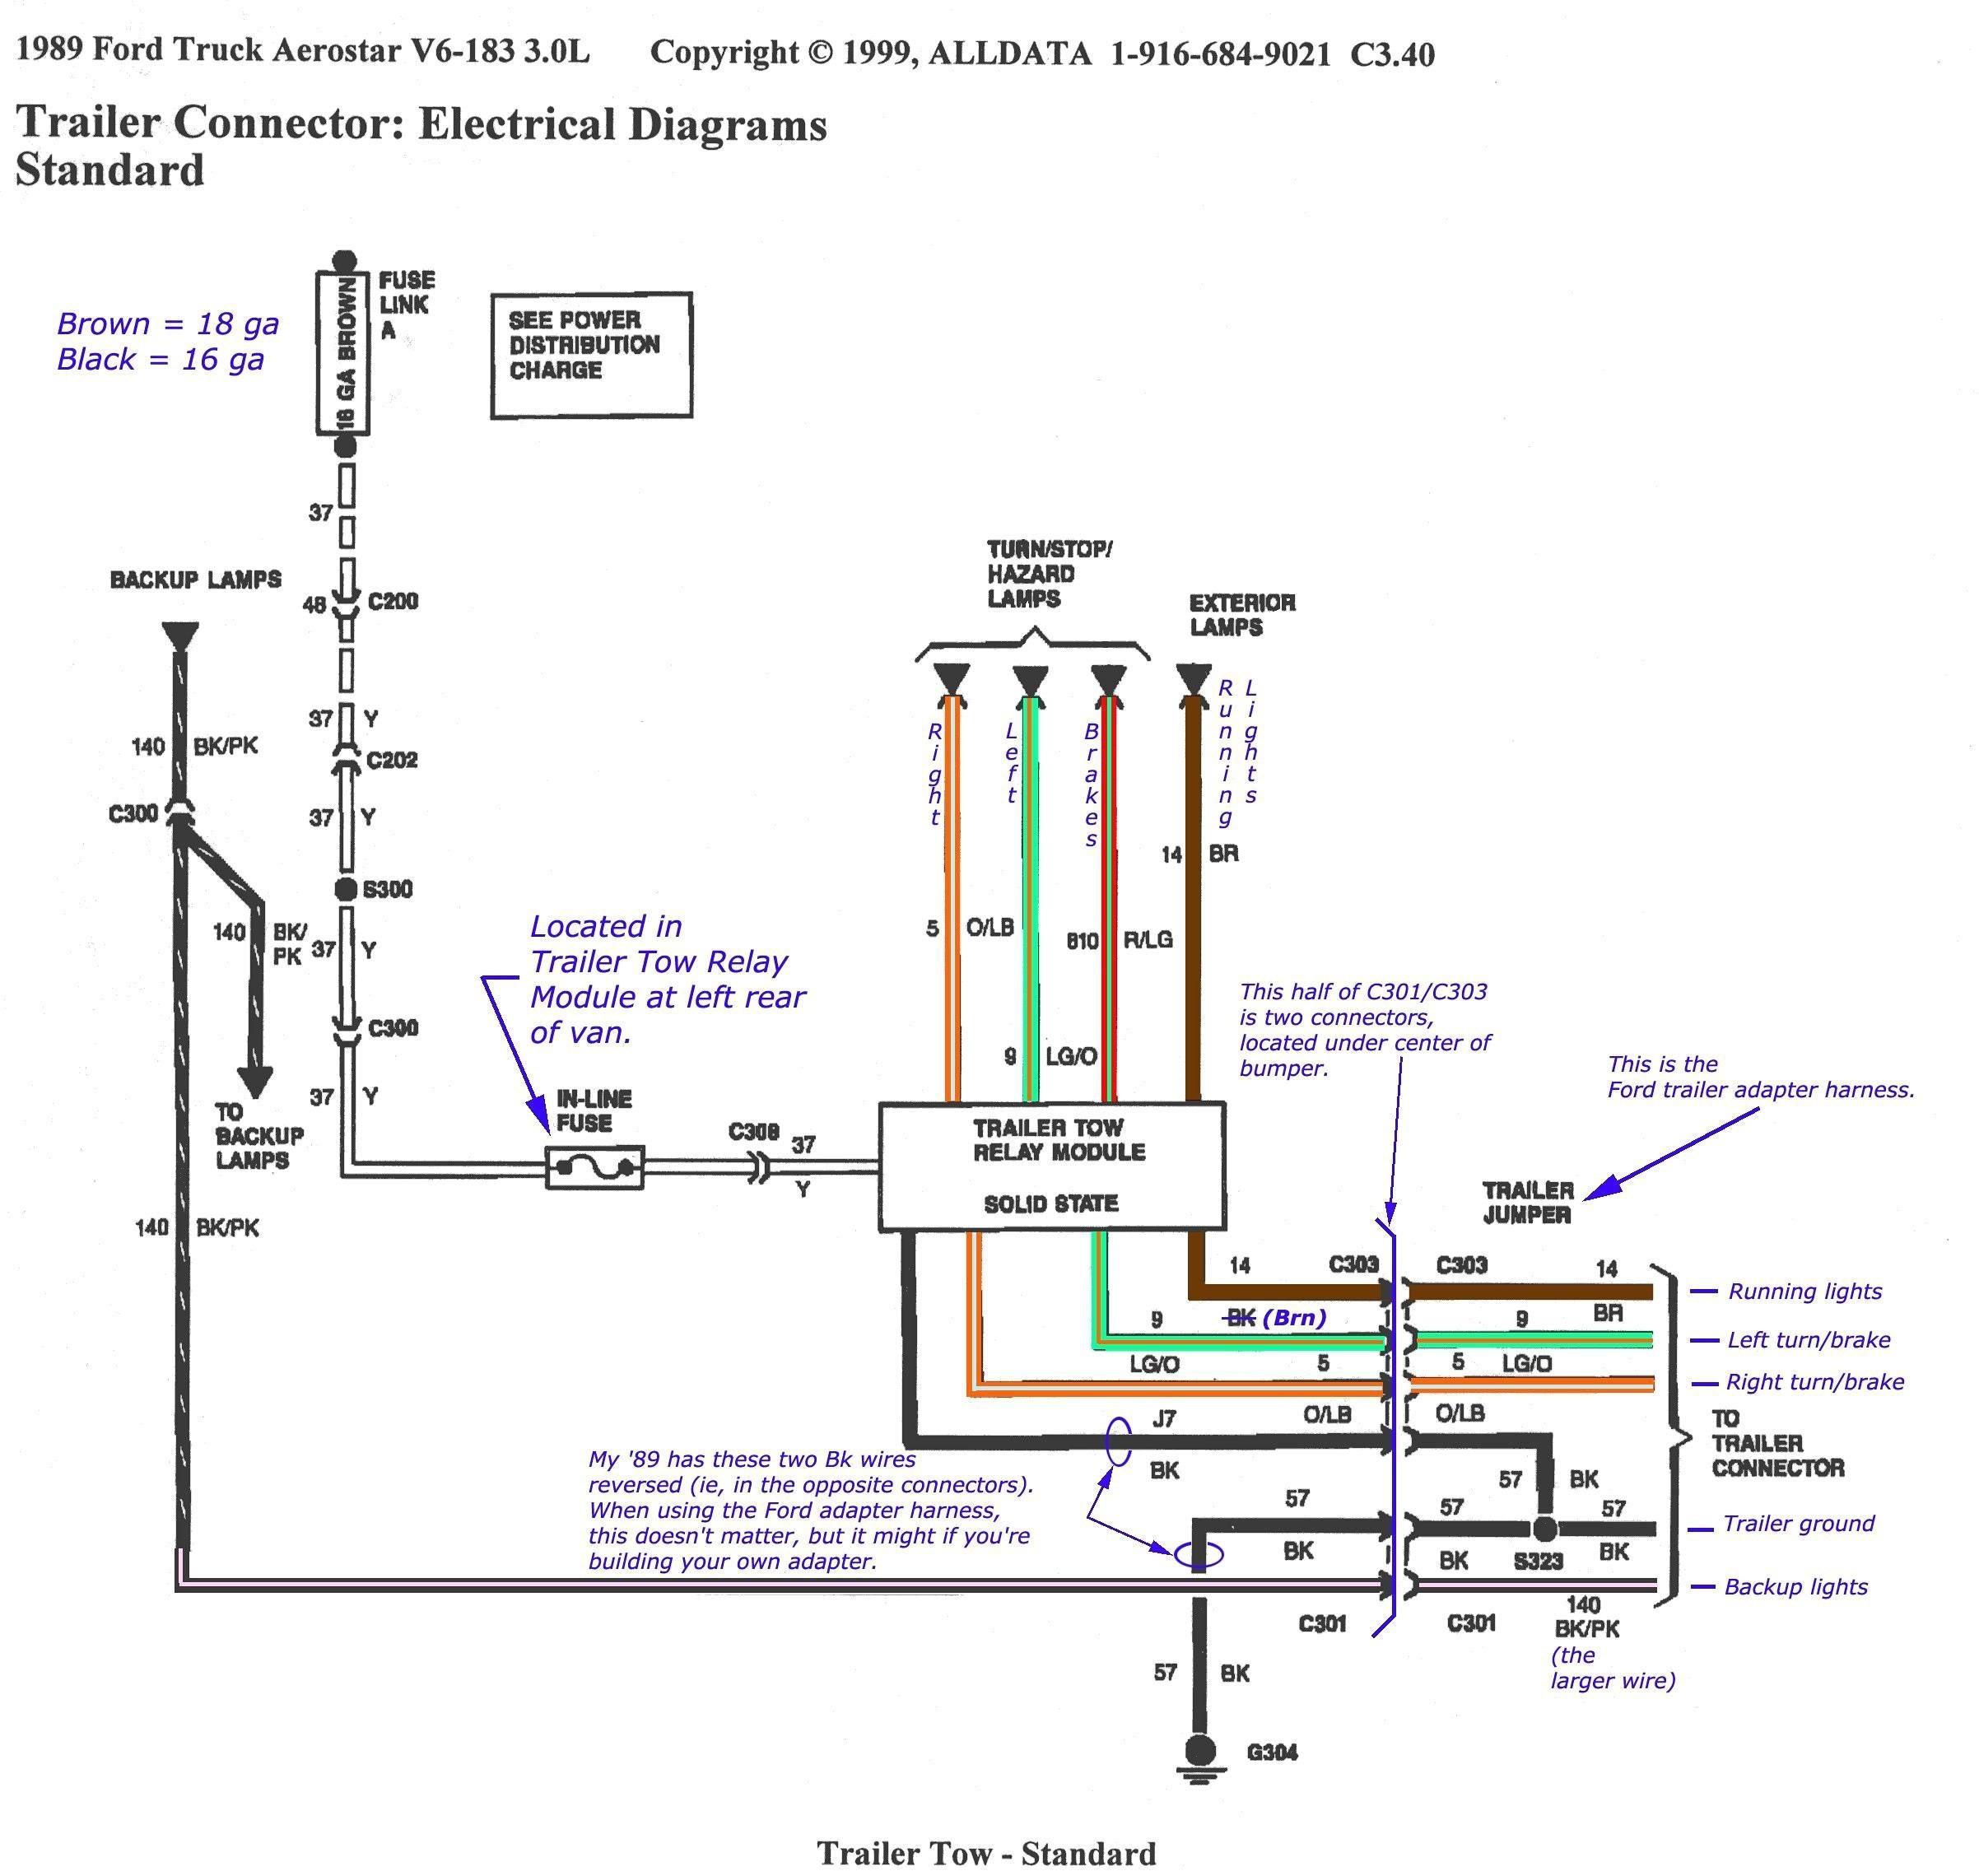 Nissan Almera 2005 Wiring Diagram 2000 F550 Wiring Diagram Wiring Diagram Public B Public